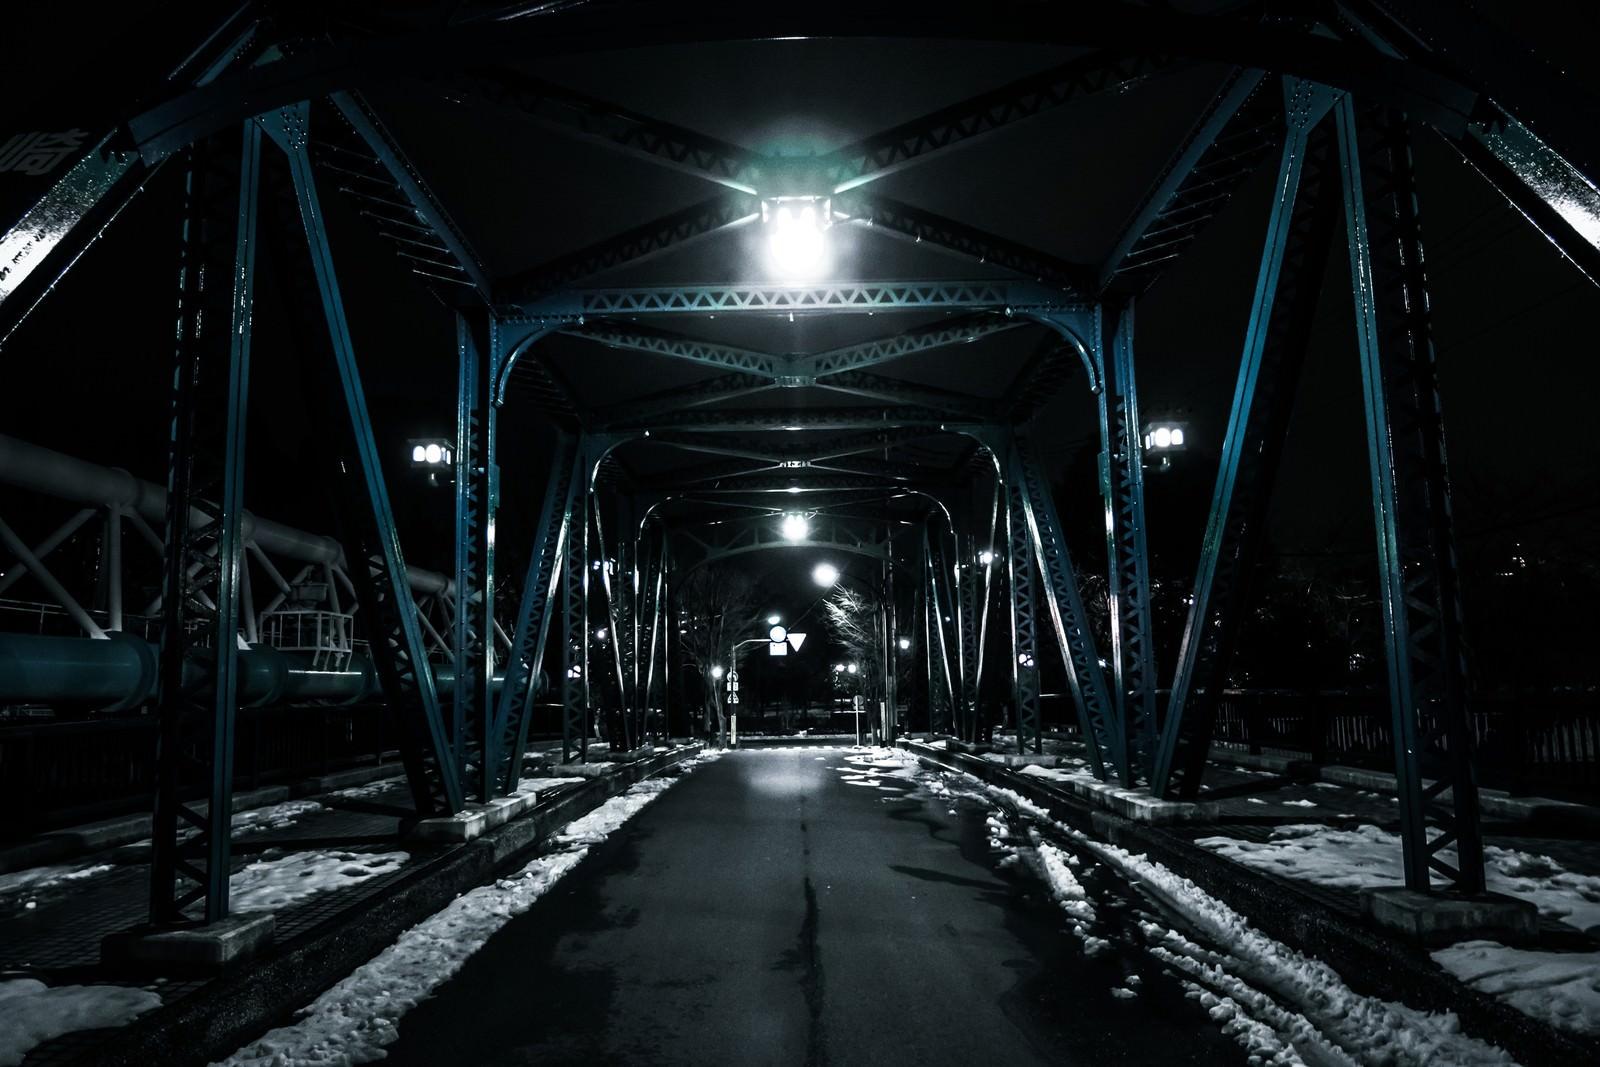 「雪が残る鉄橋」の写真